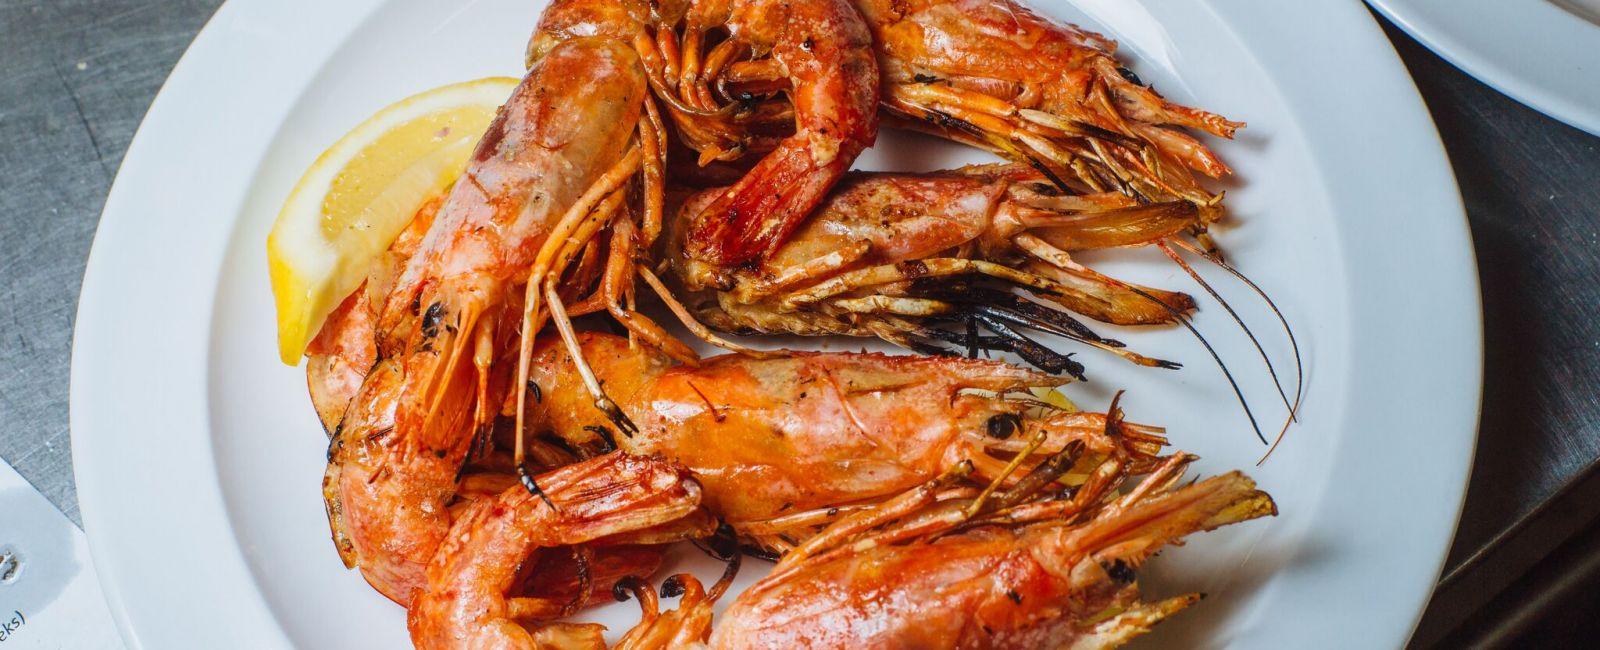 Trentino Alto Adige Artigianato fresh italian food & handmade pasta in portland / artigiano